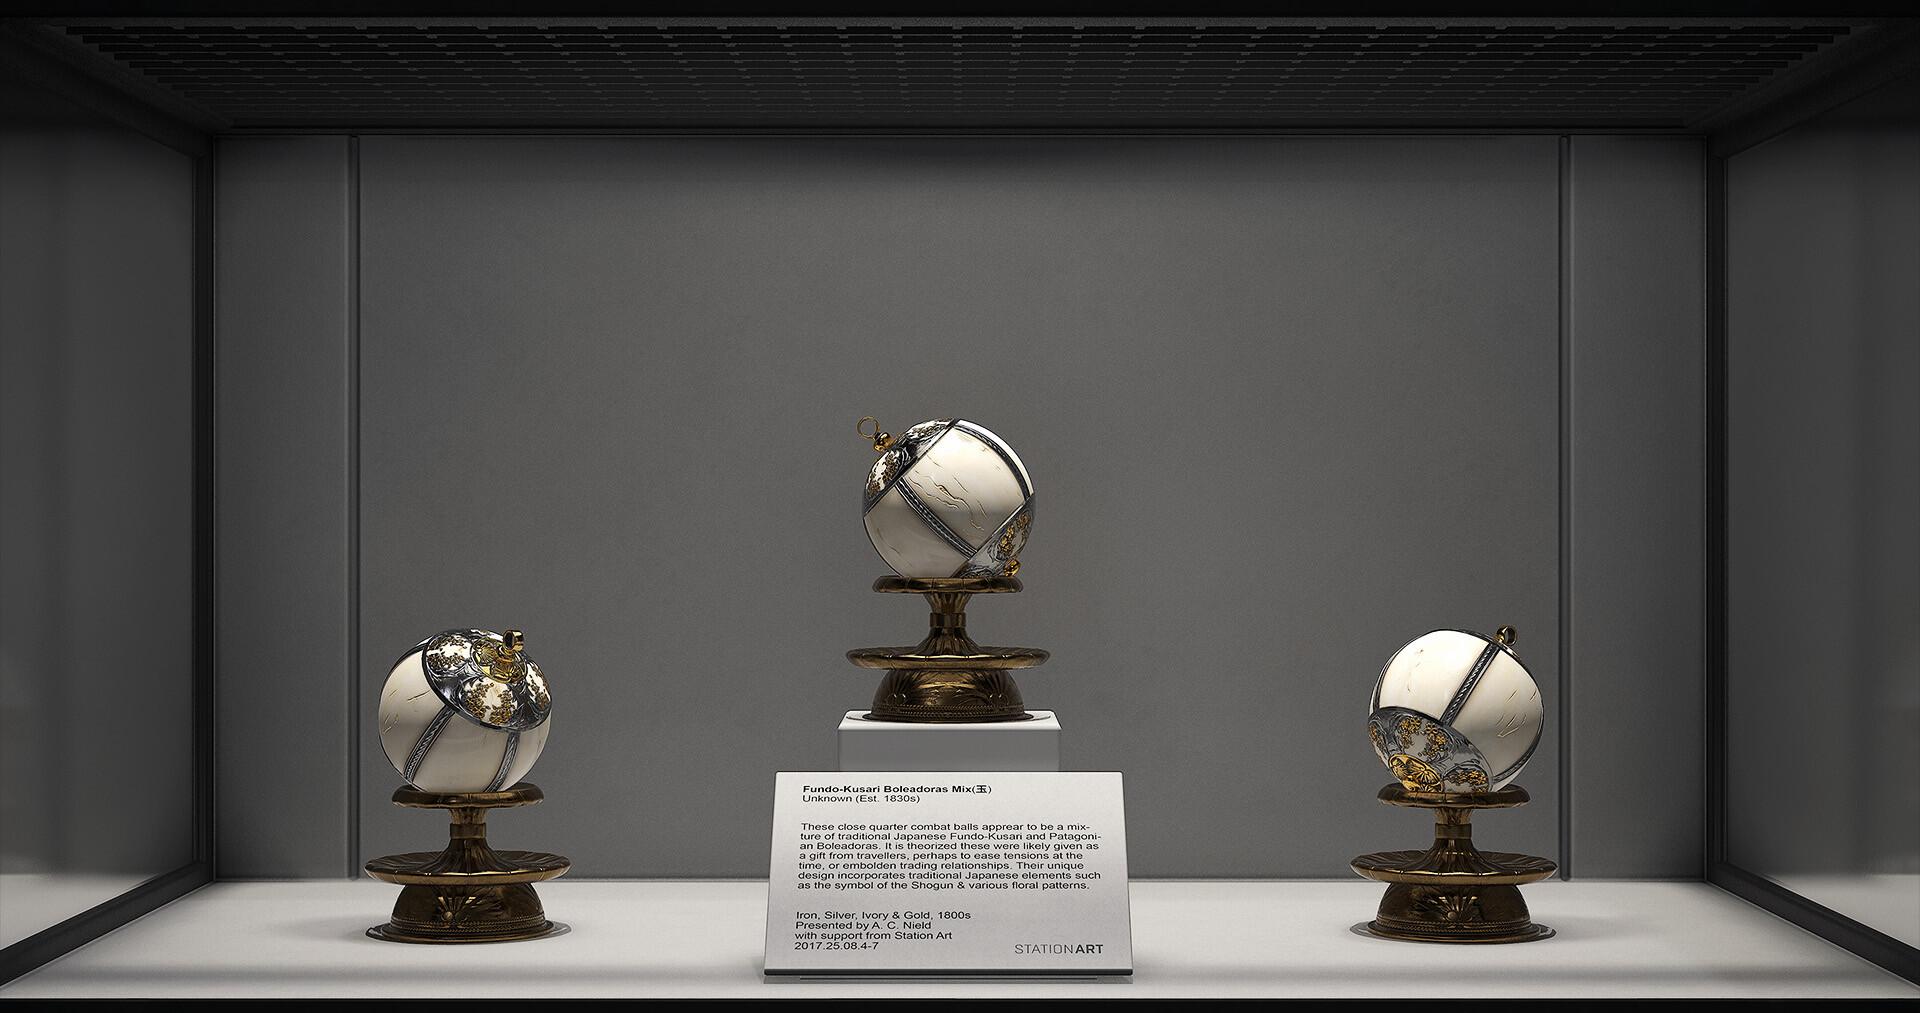 Adam nield bolas06 museum